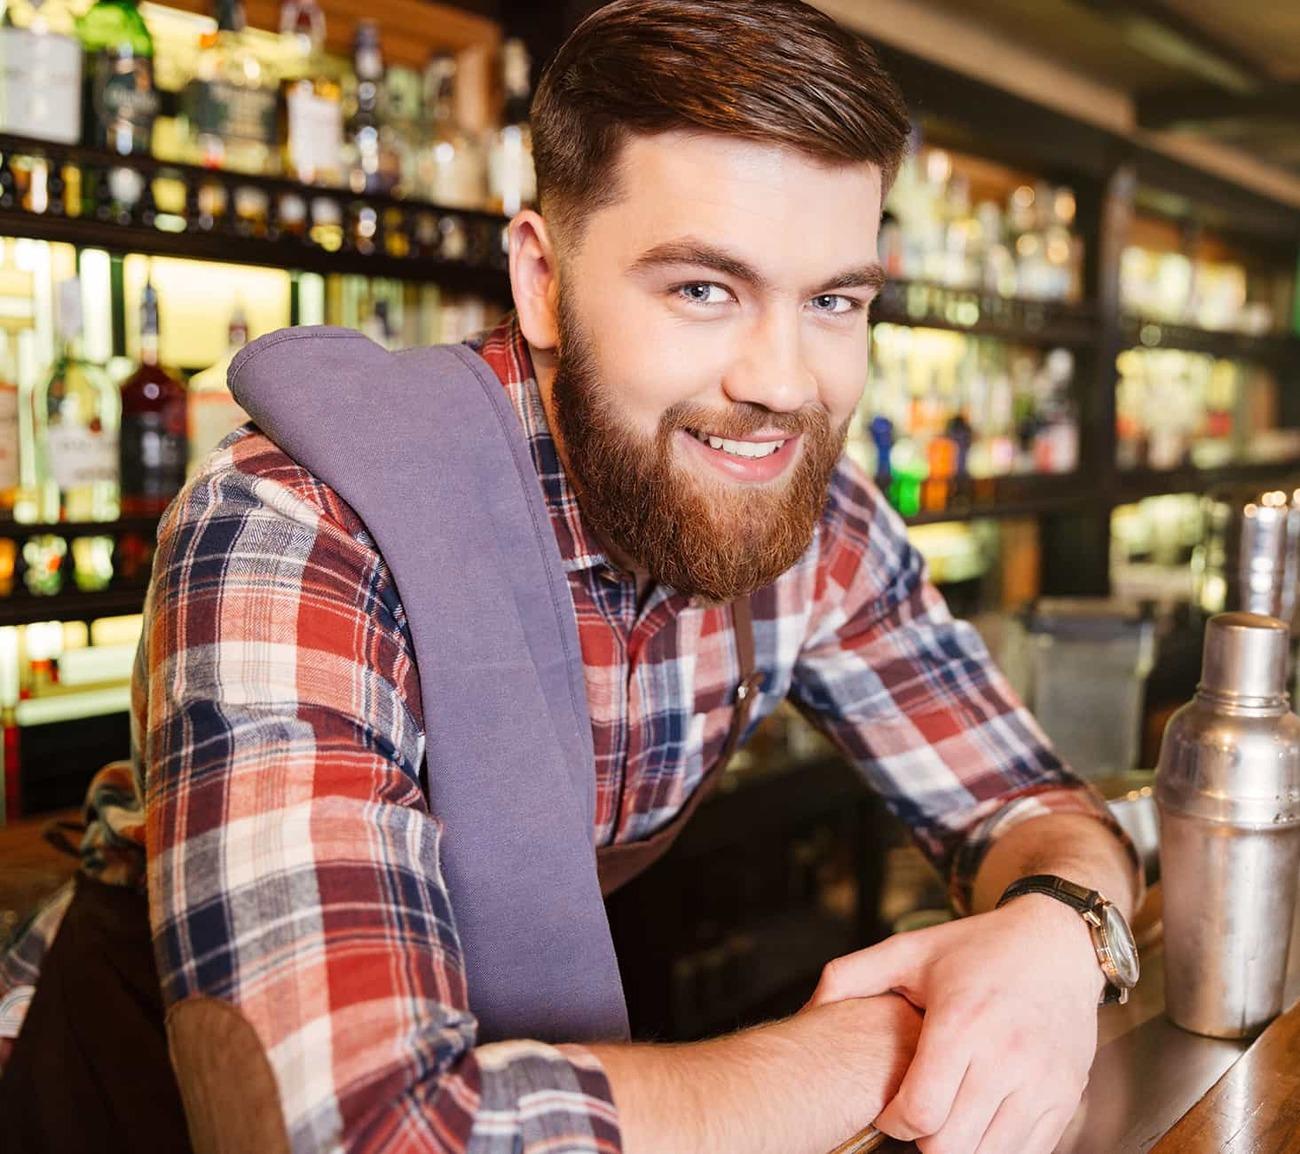 FOOD-Texas-bartender